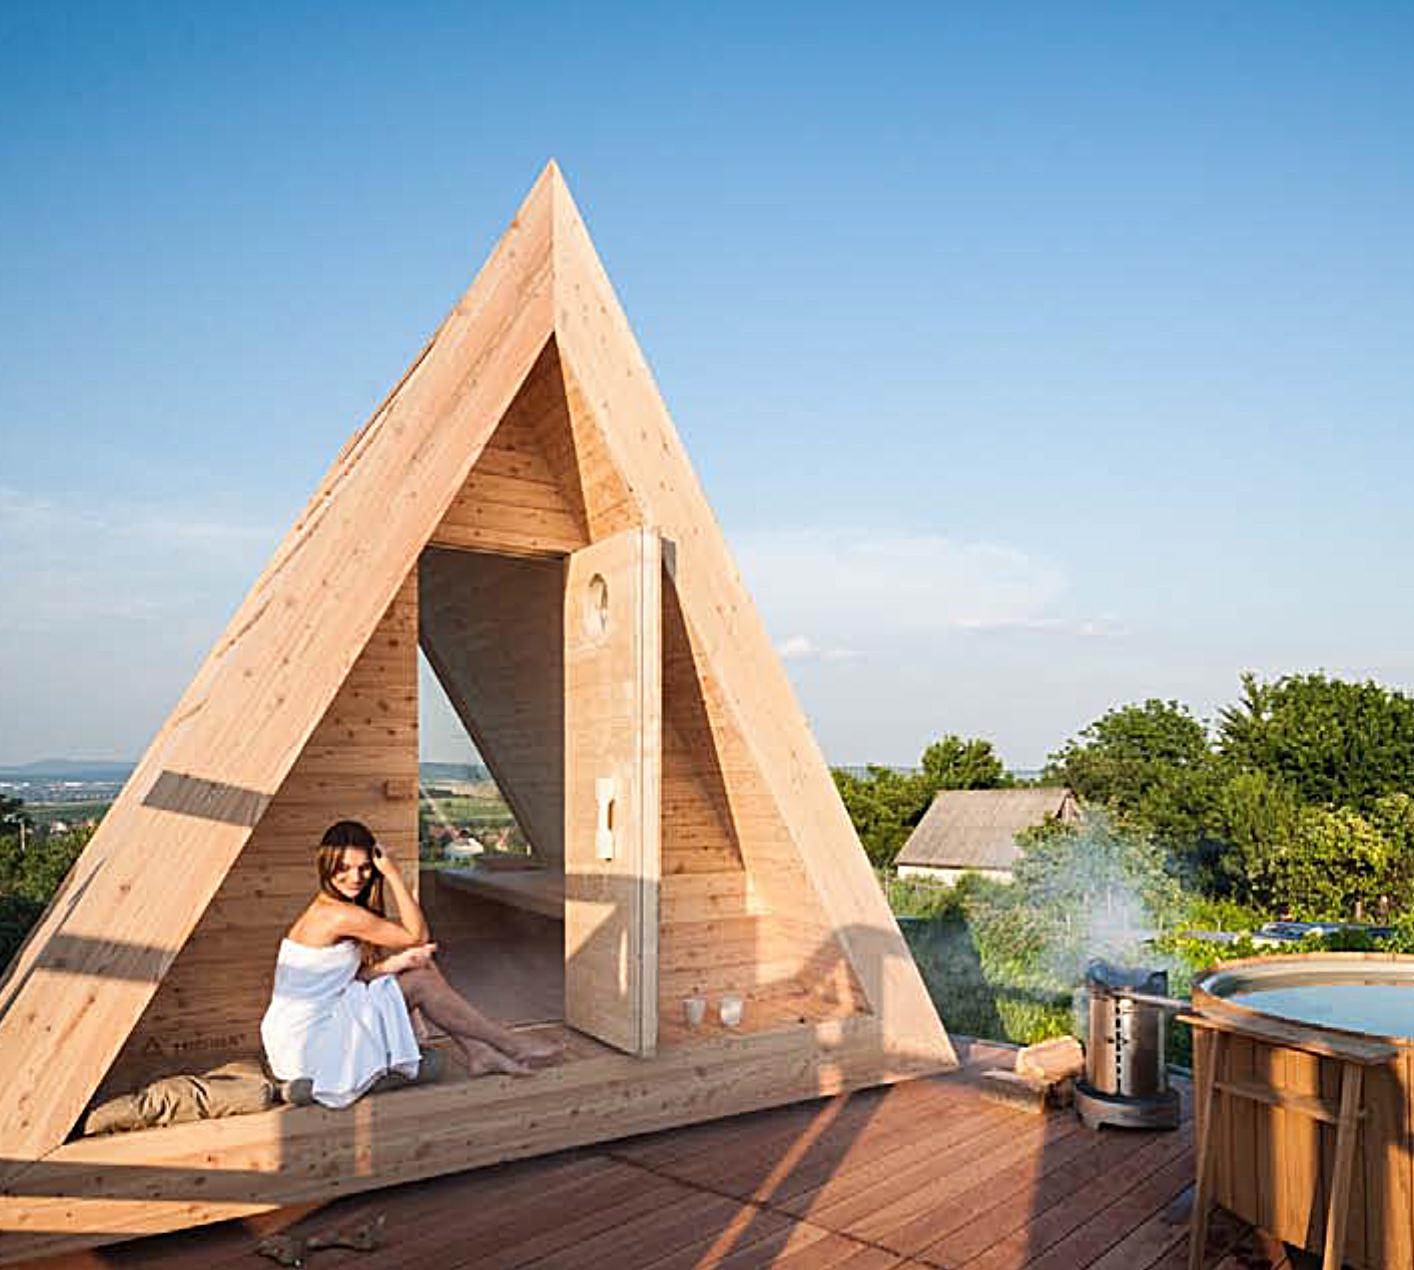 Sauna. Cabañas de madera.